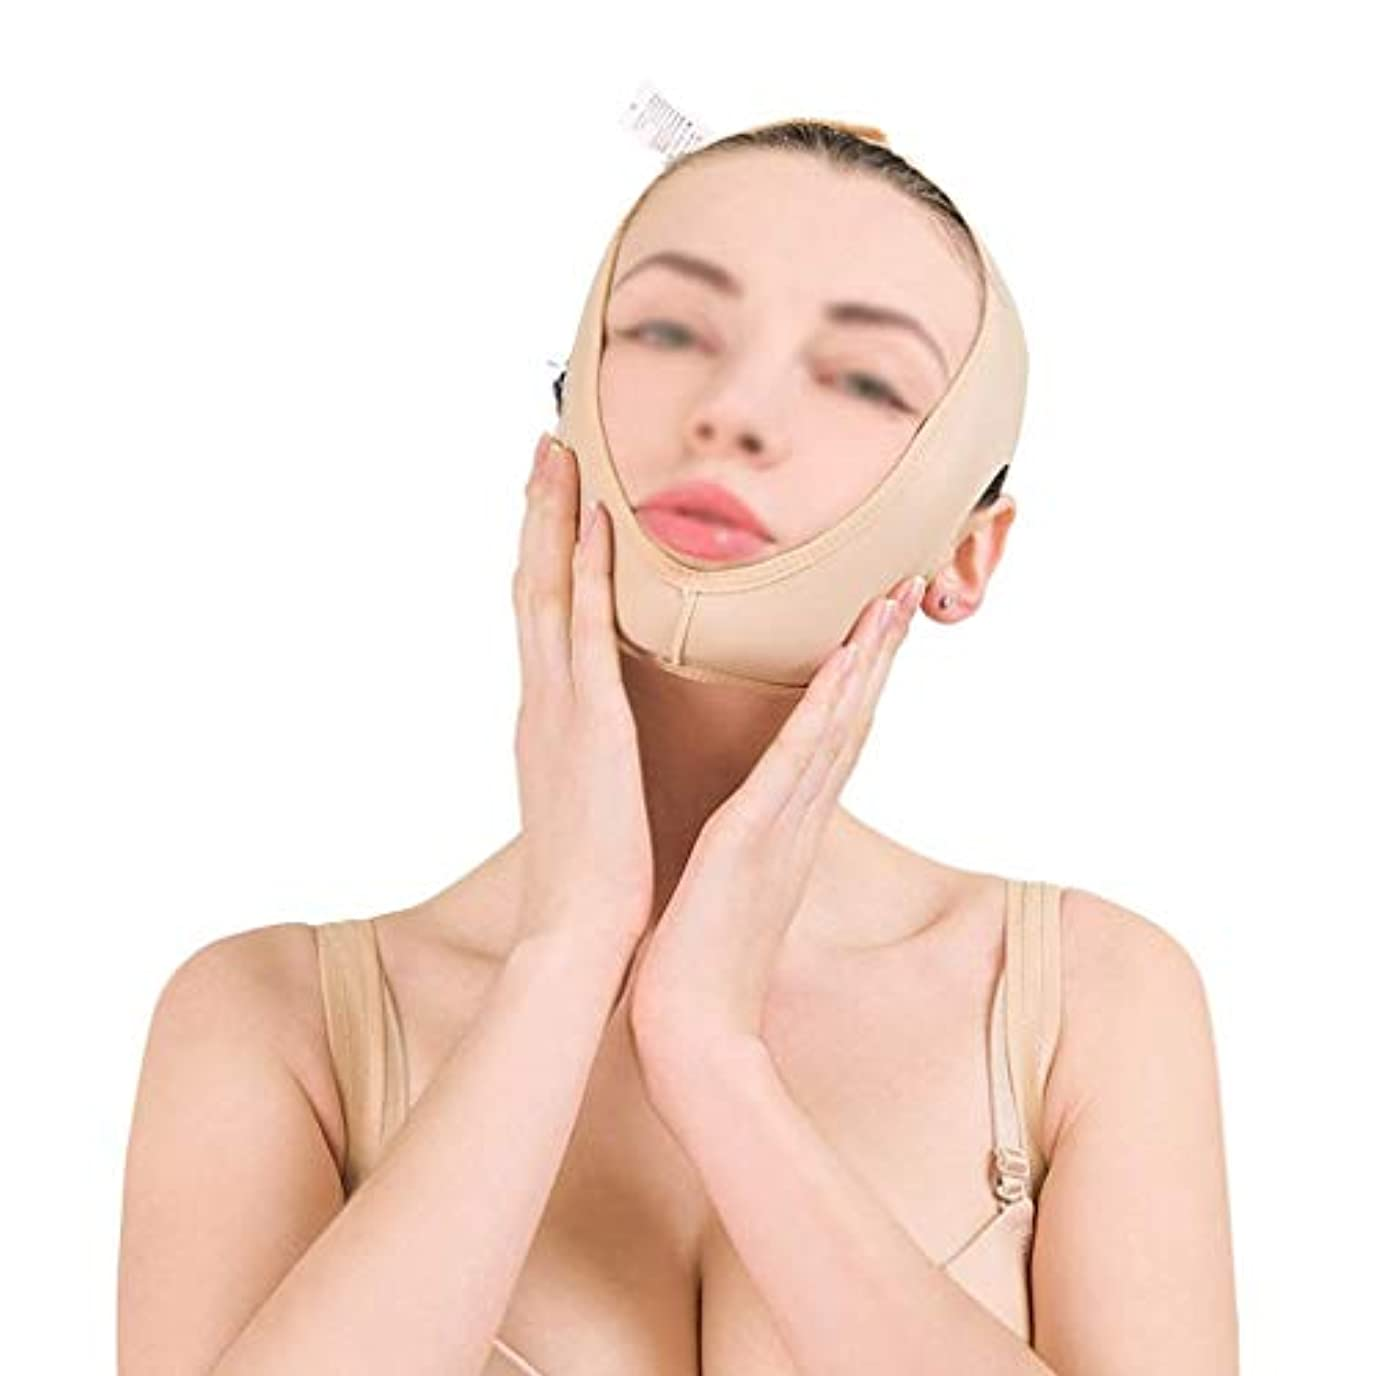 落ちた不当量マスク減量、肌の包帯を引き締めるリフティングフェイスバンド、フェイスリフティング、ダブルチンビューティバンデージ、フェイスリフト(サイズ:L),M